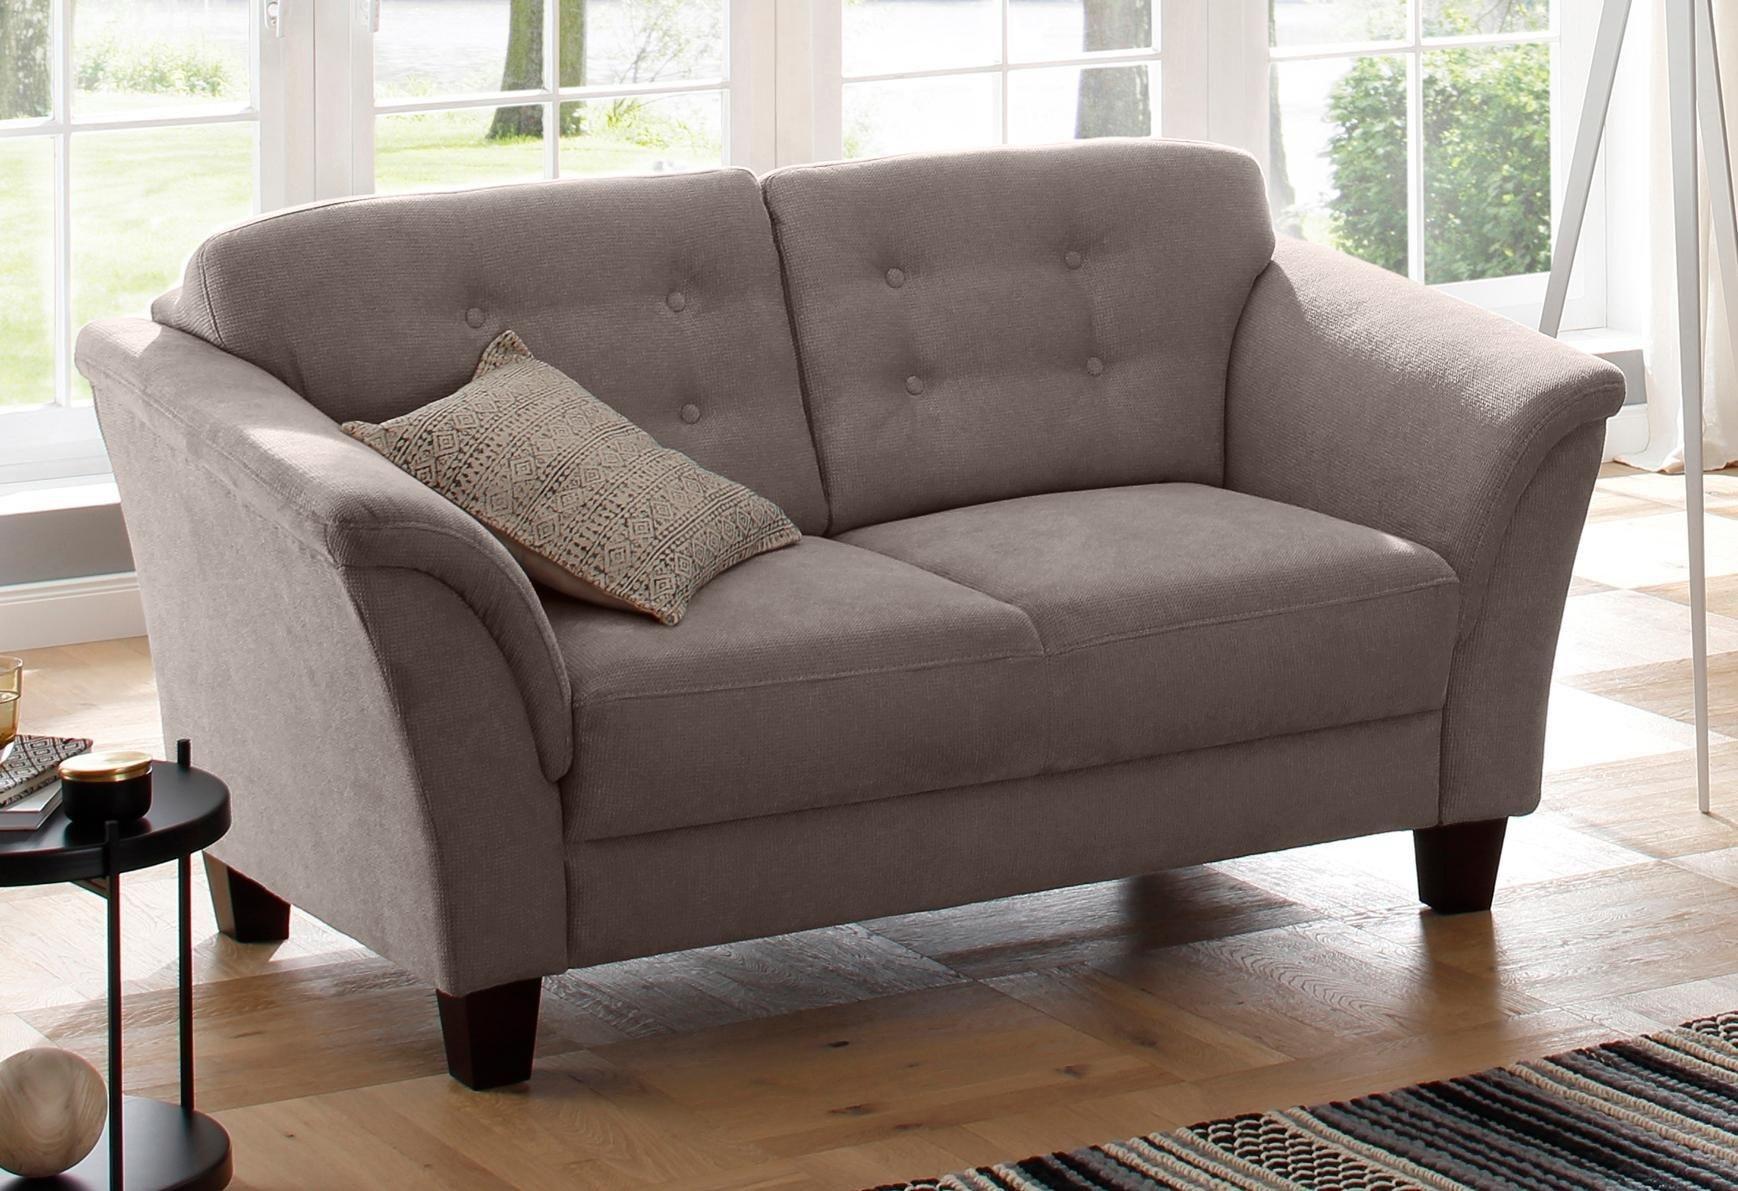 Gunstig Big Sofa Kaufen Sofa Online Bestellen Sofort Lieferbar Couch Billig Online Schone Gunstige Sofas Ecksofa Lede Haus Gunstige Sofas 2 Sitzer Sofa